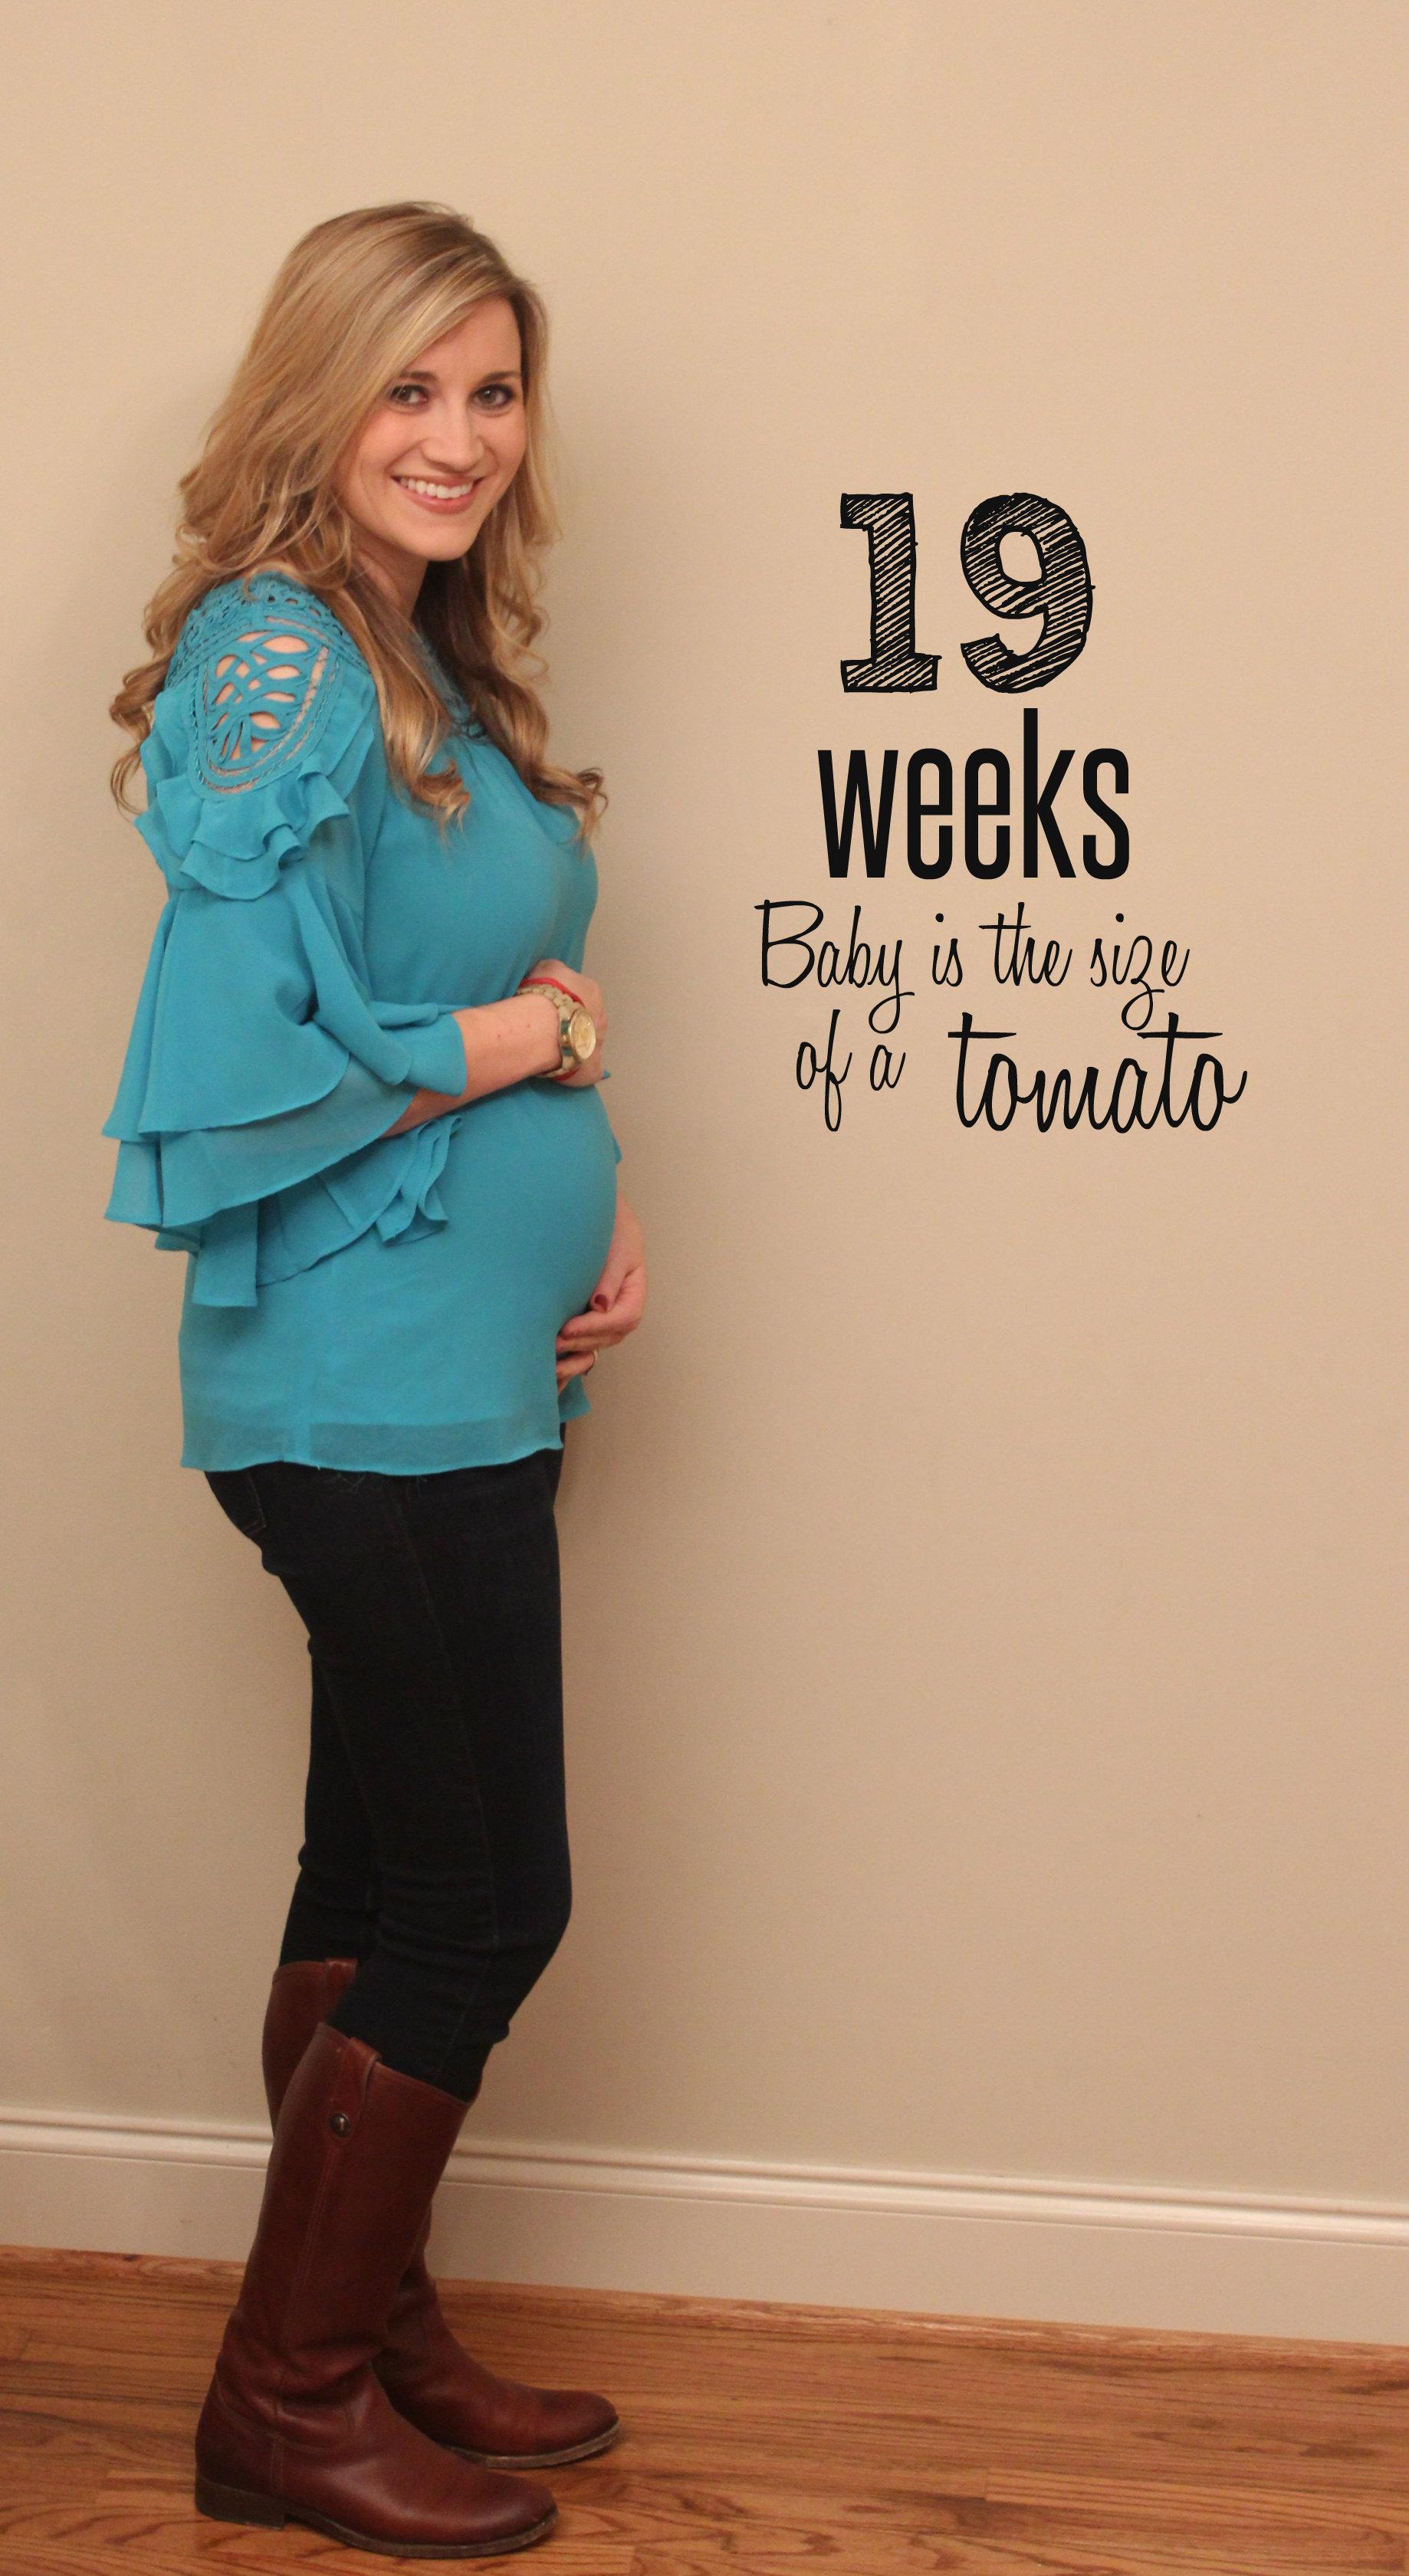 19 weeks pregnant milf creampied 2